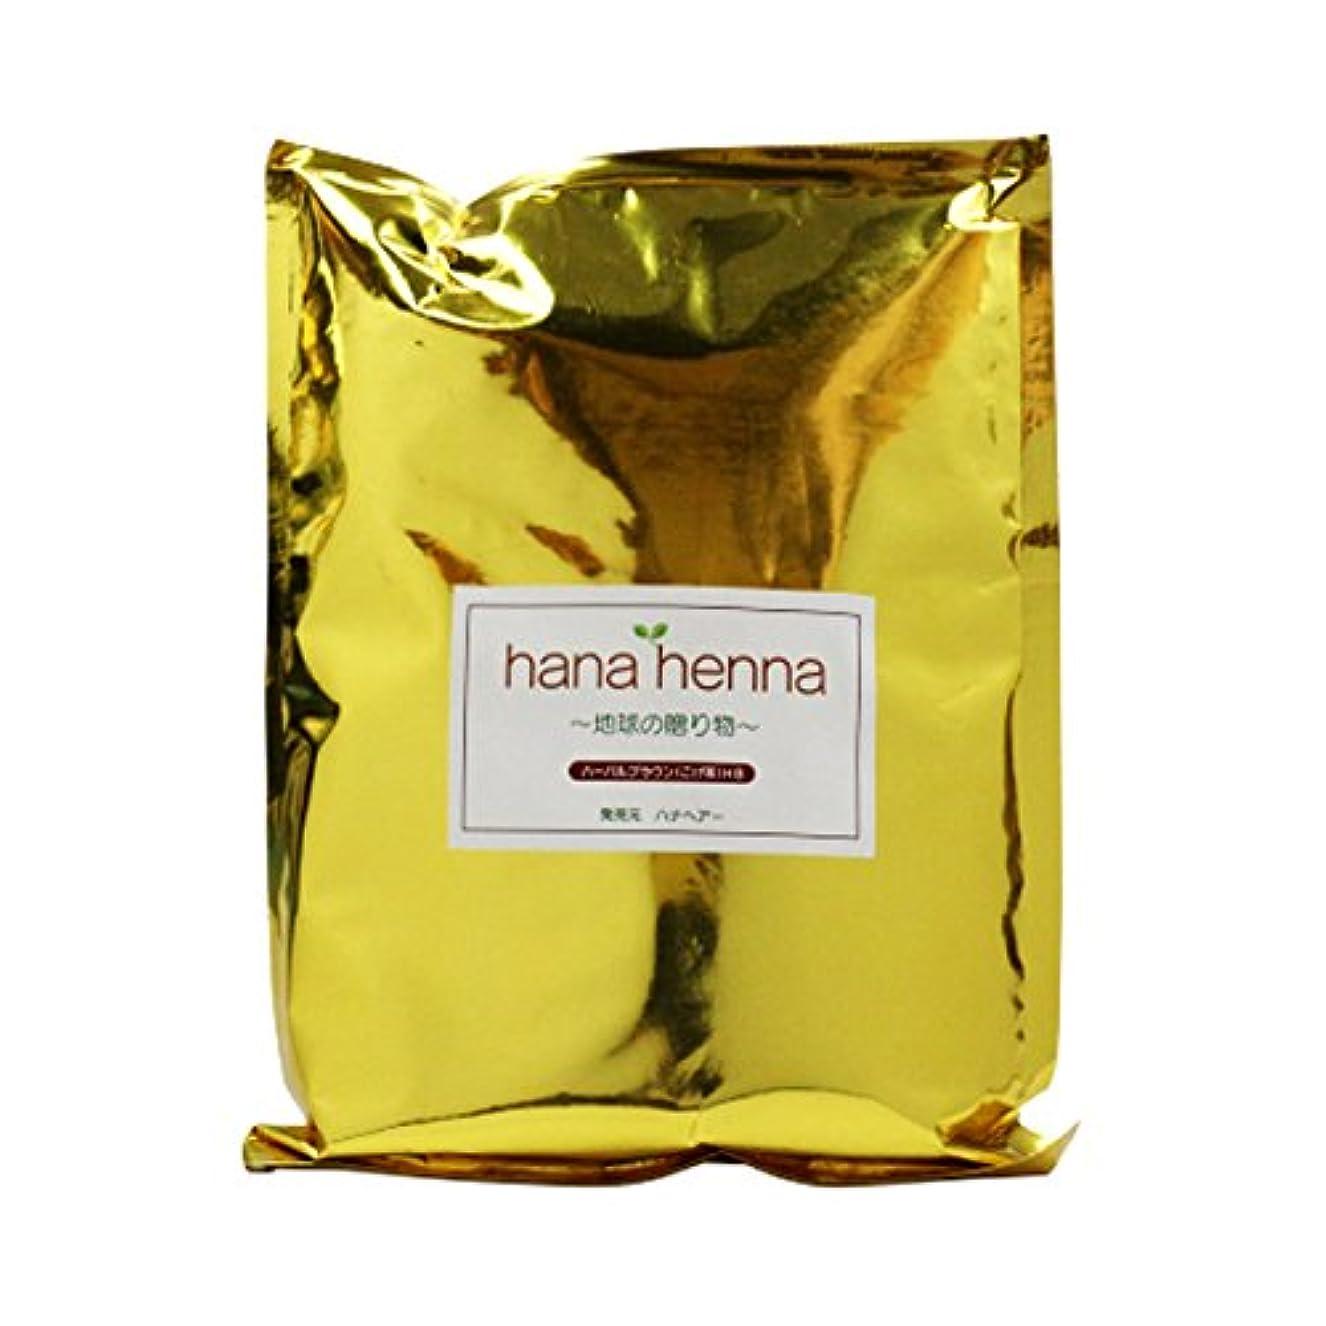 付添人ひどく火山のhanahenna ハーバルブラウン HB(こげ茶) 500g